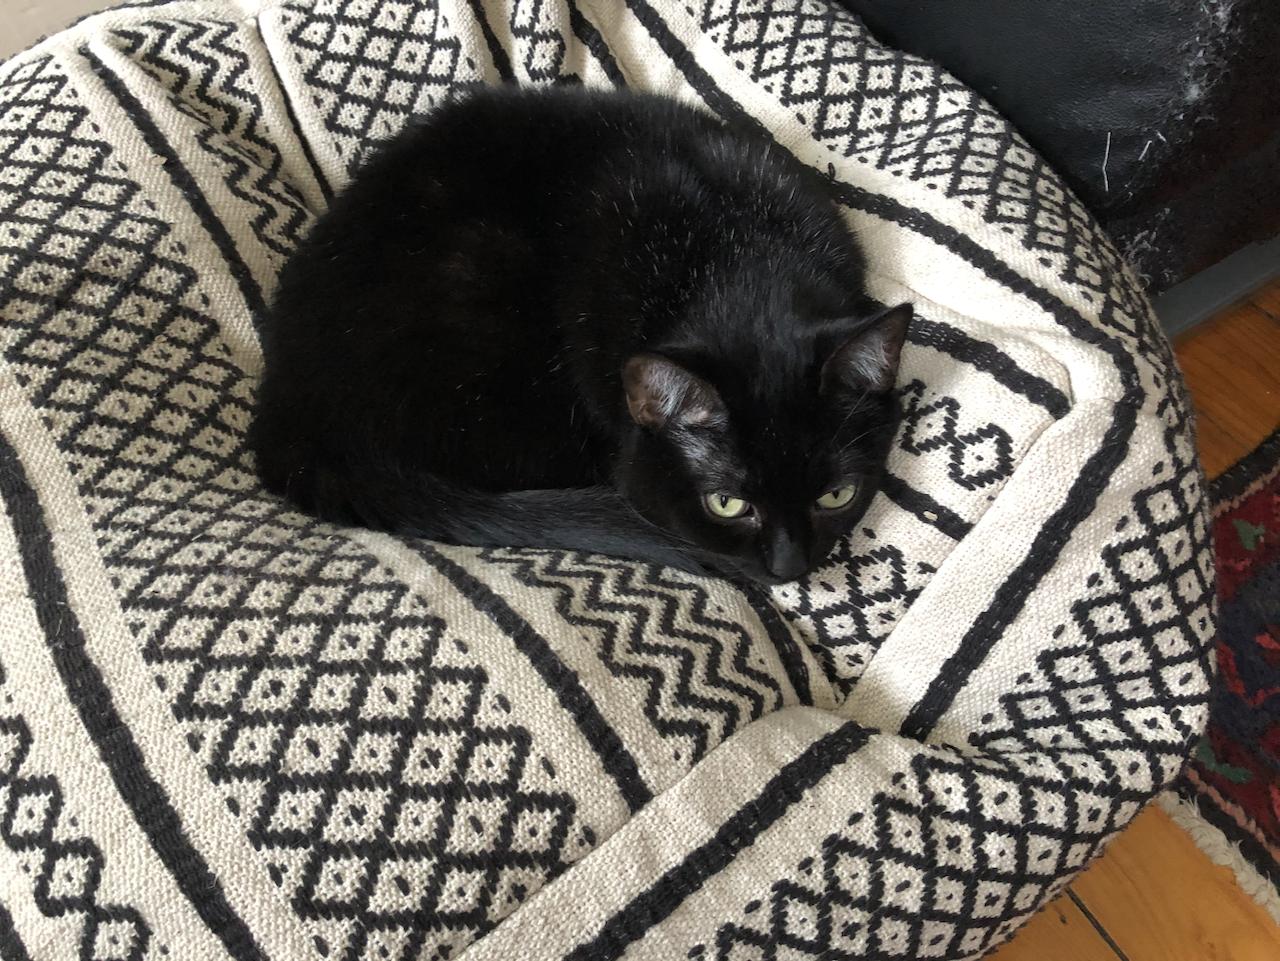 Une photo de mon chat Luna, qui essaie de dormir.